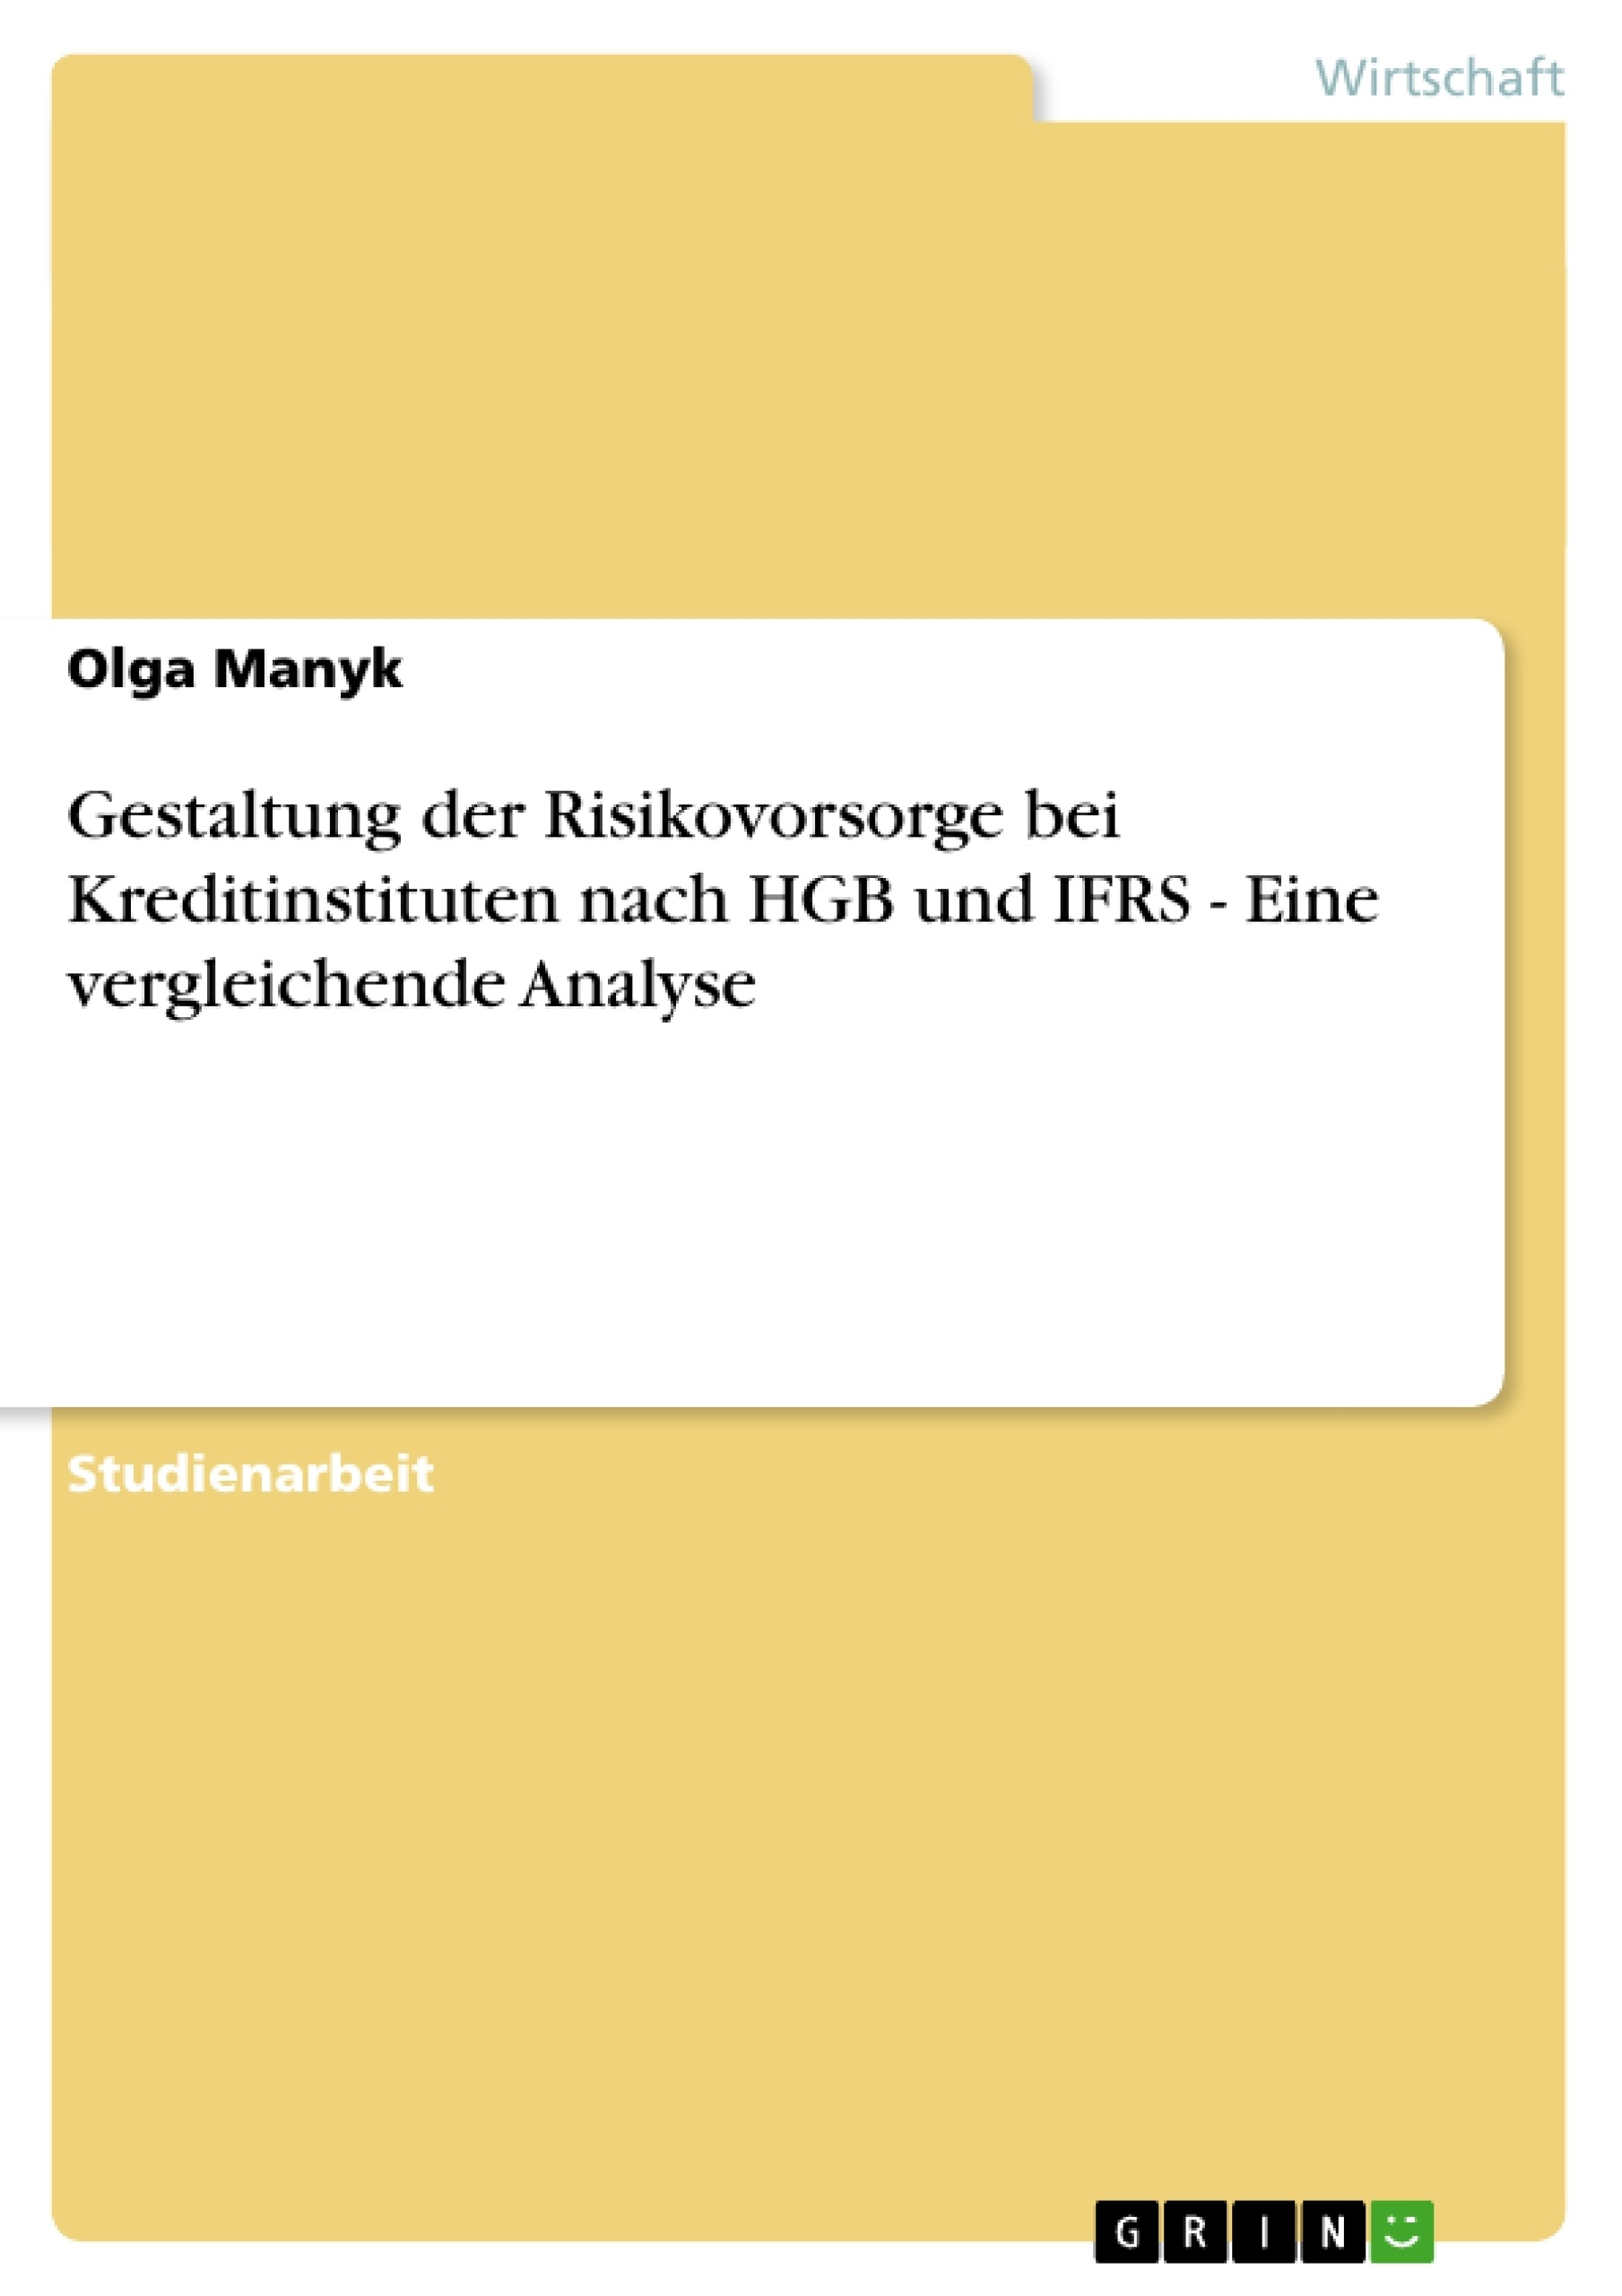 Titel: Gestaltung der Risikovorsorge bei Kreditinstituten nach HGB und IFRS - Eine vergleichende Analyse